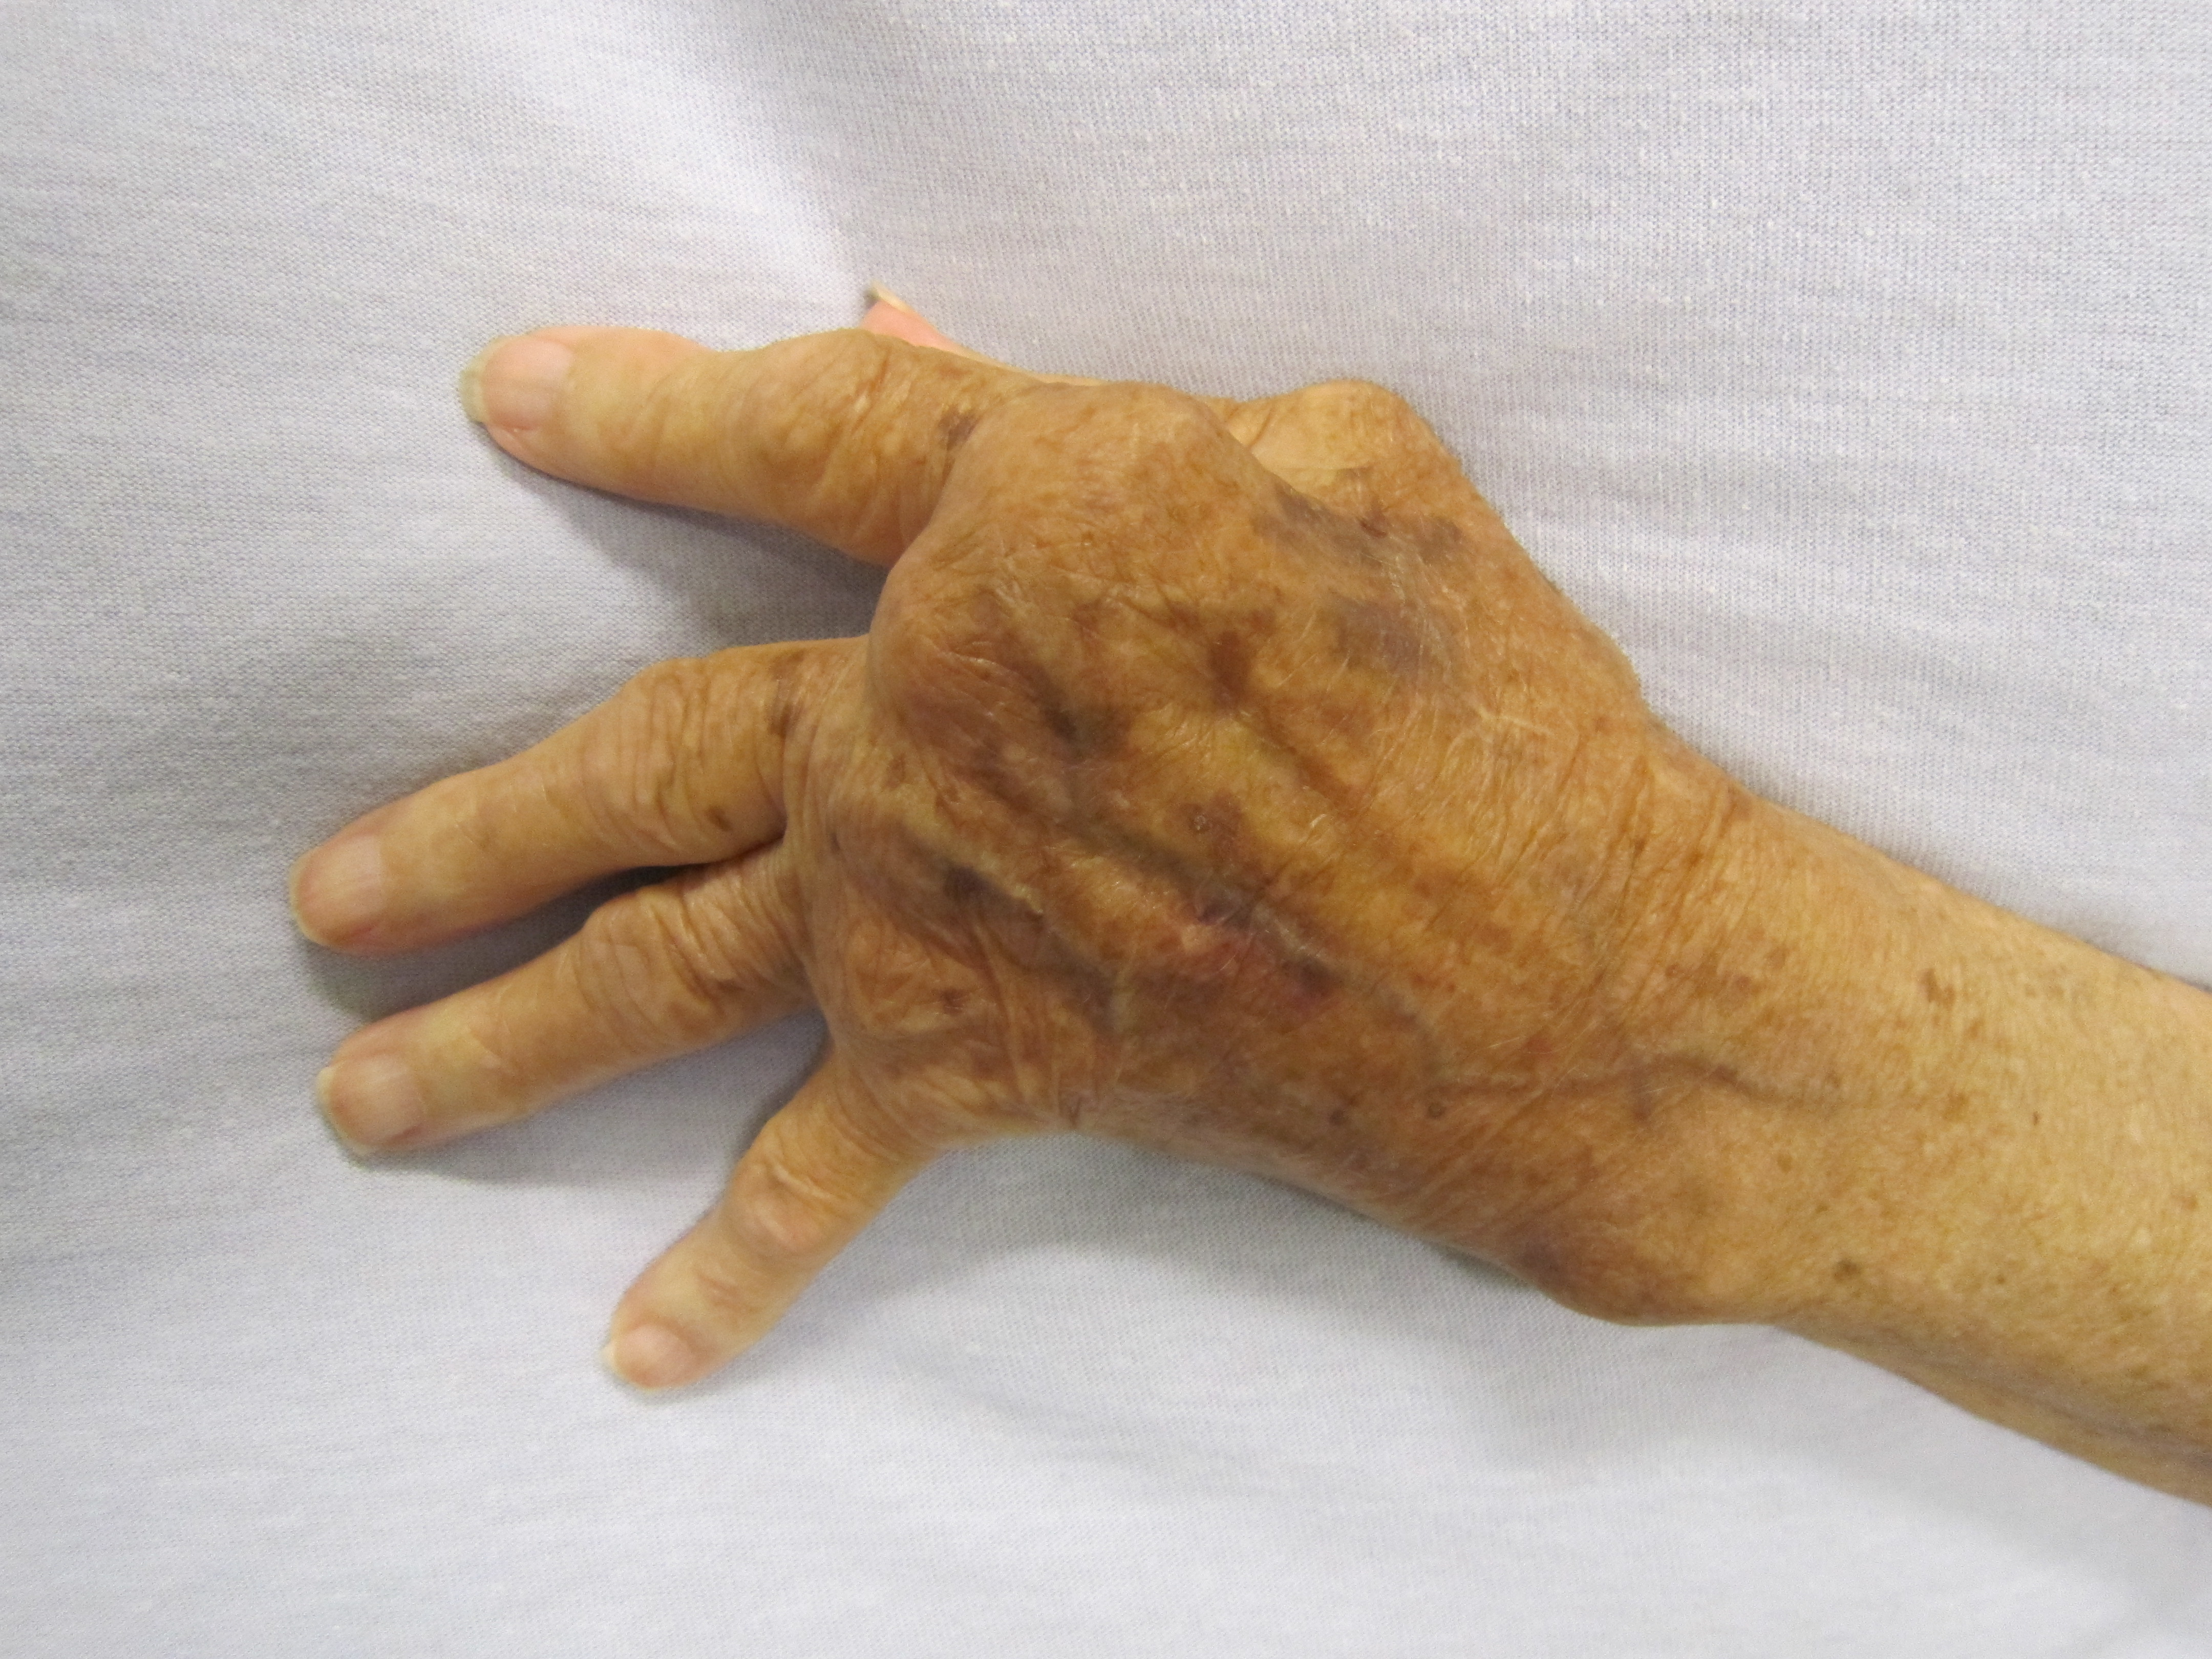 a bal kéz ujjai ízületeiben fájdalom okoz